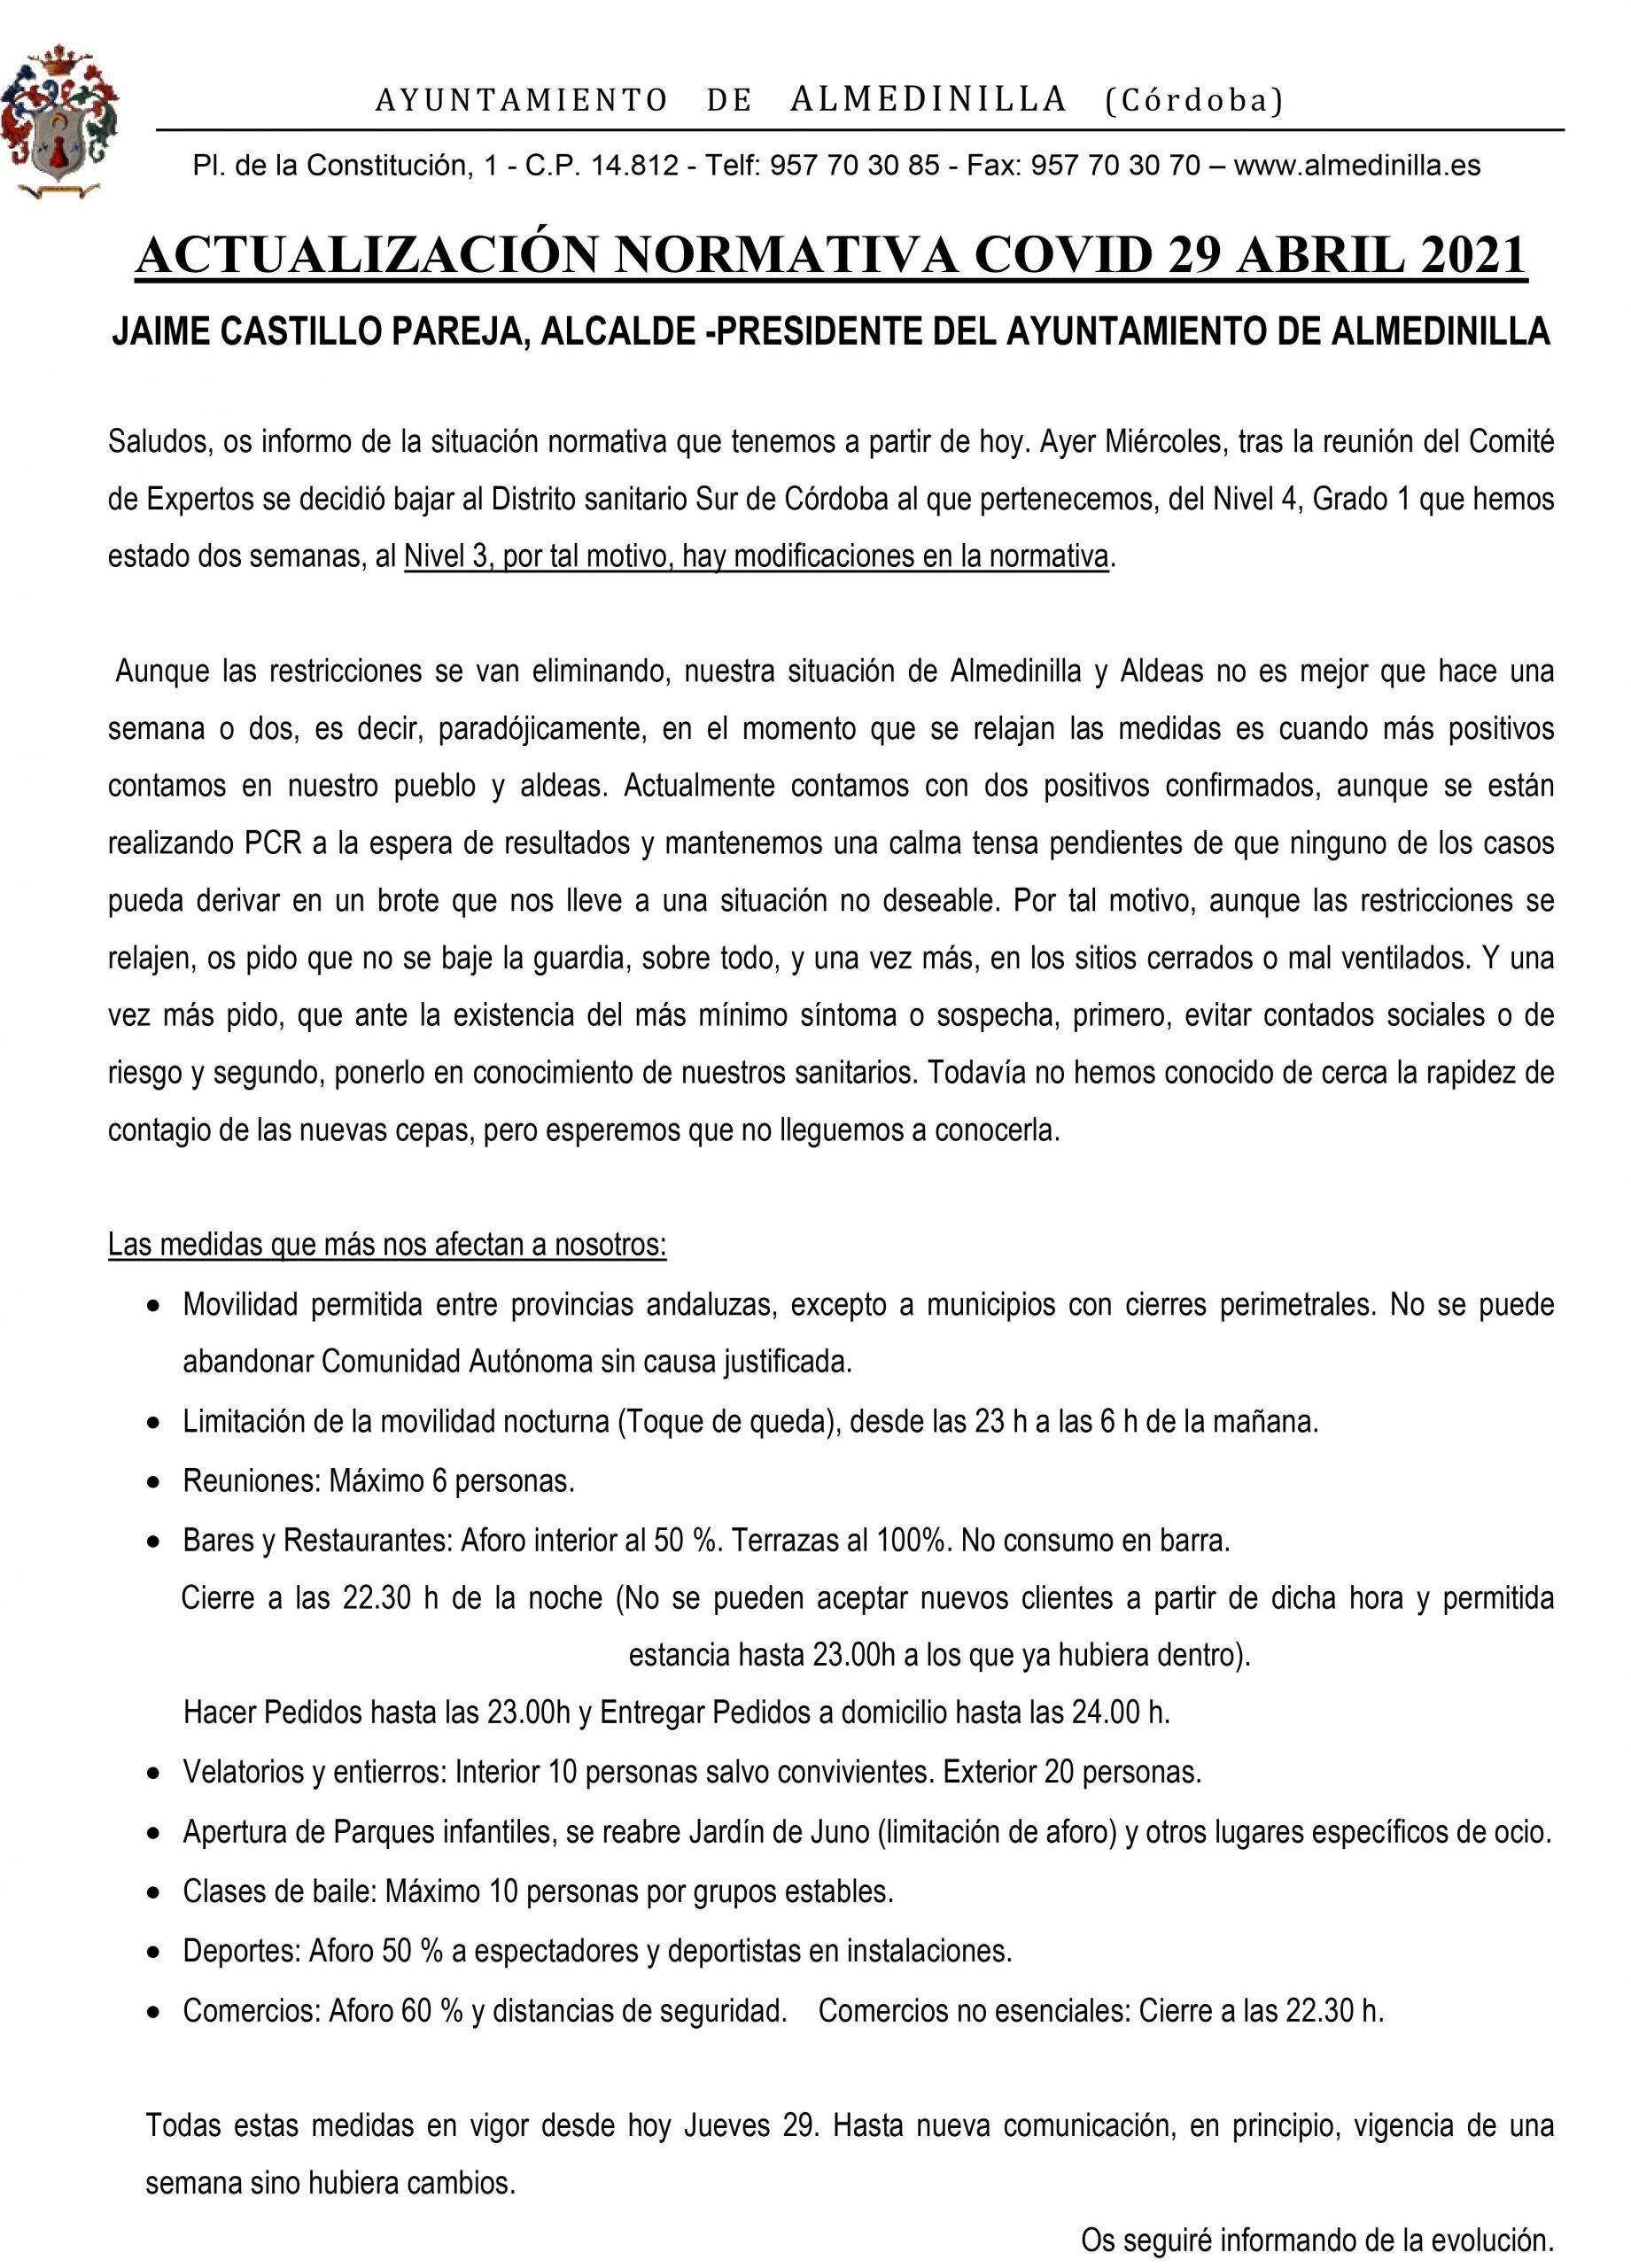 COMUNICADO ALMEDINILLA 29 ABRIL 2021